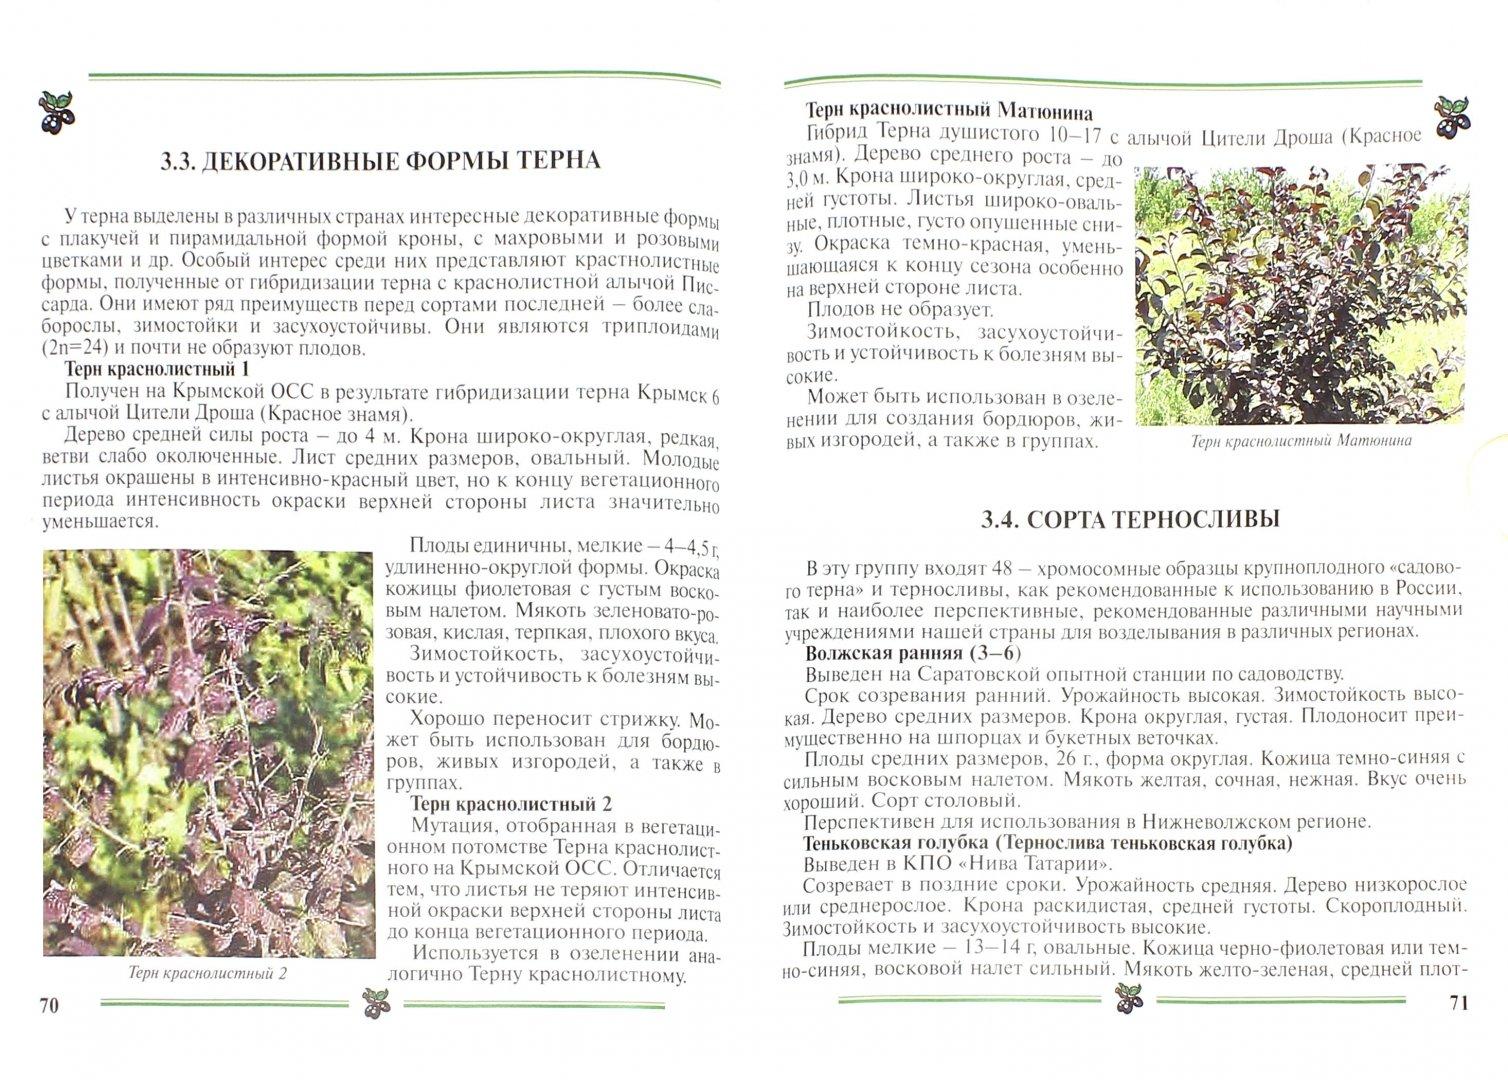 Иллюстрация 1 из 13 для Терн и тернослива. Пособие для садоводов-любителей - Ковалева, Еремин | Лабиринт - книги. Источник: Лабиринт